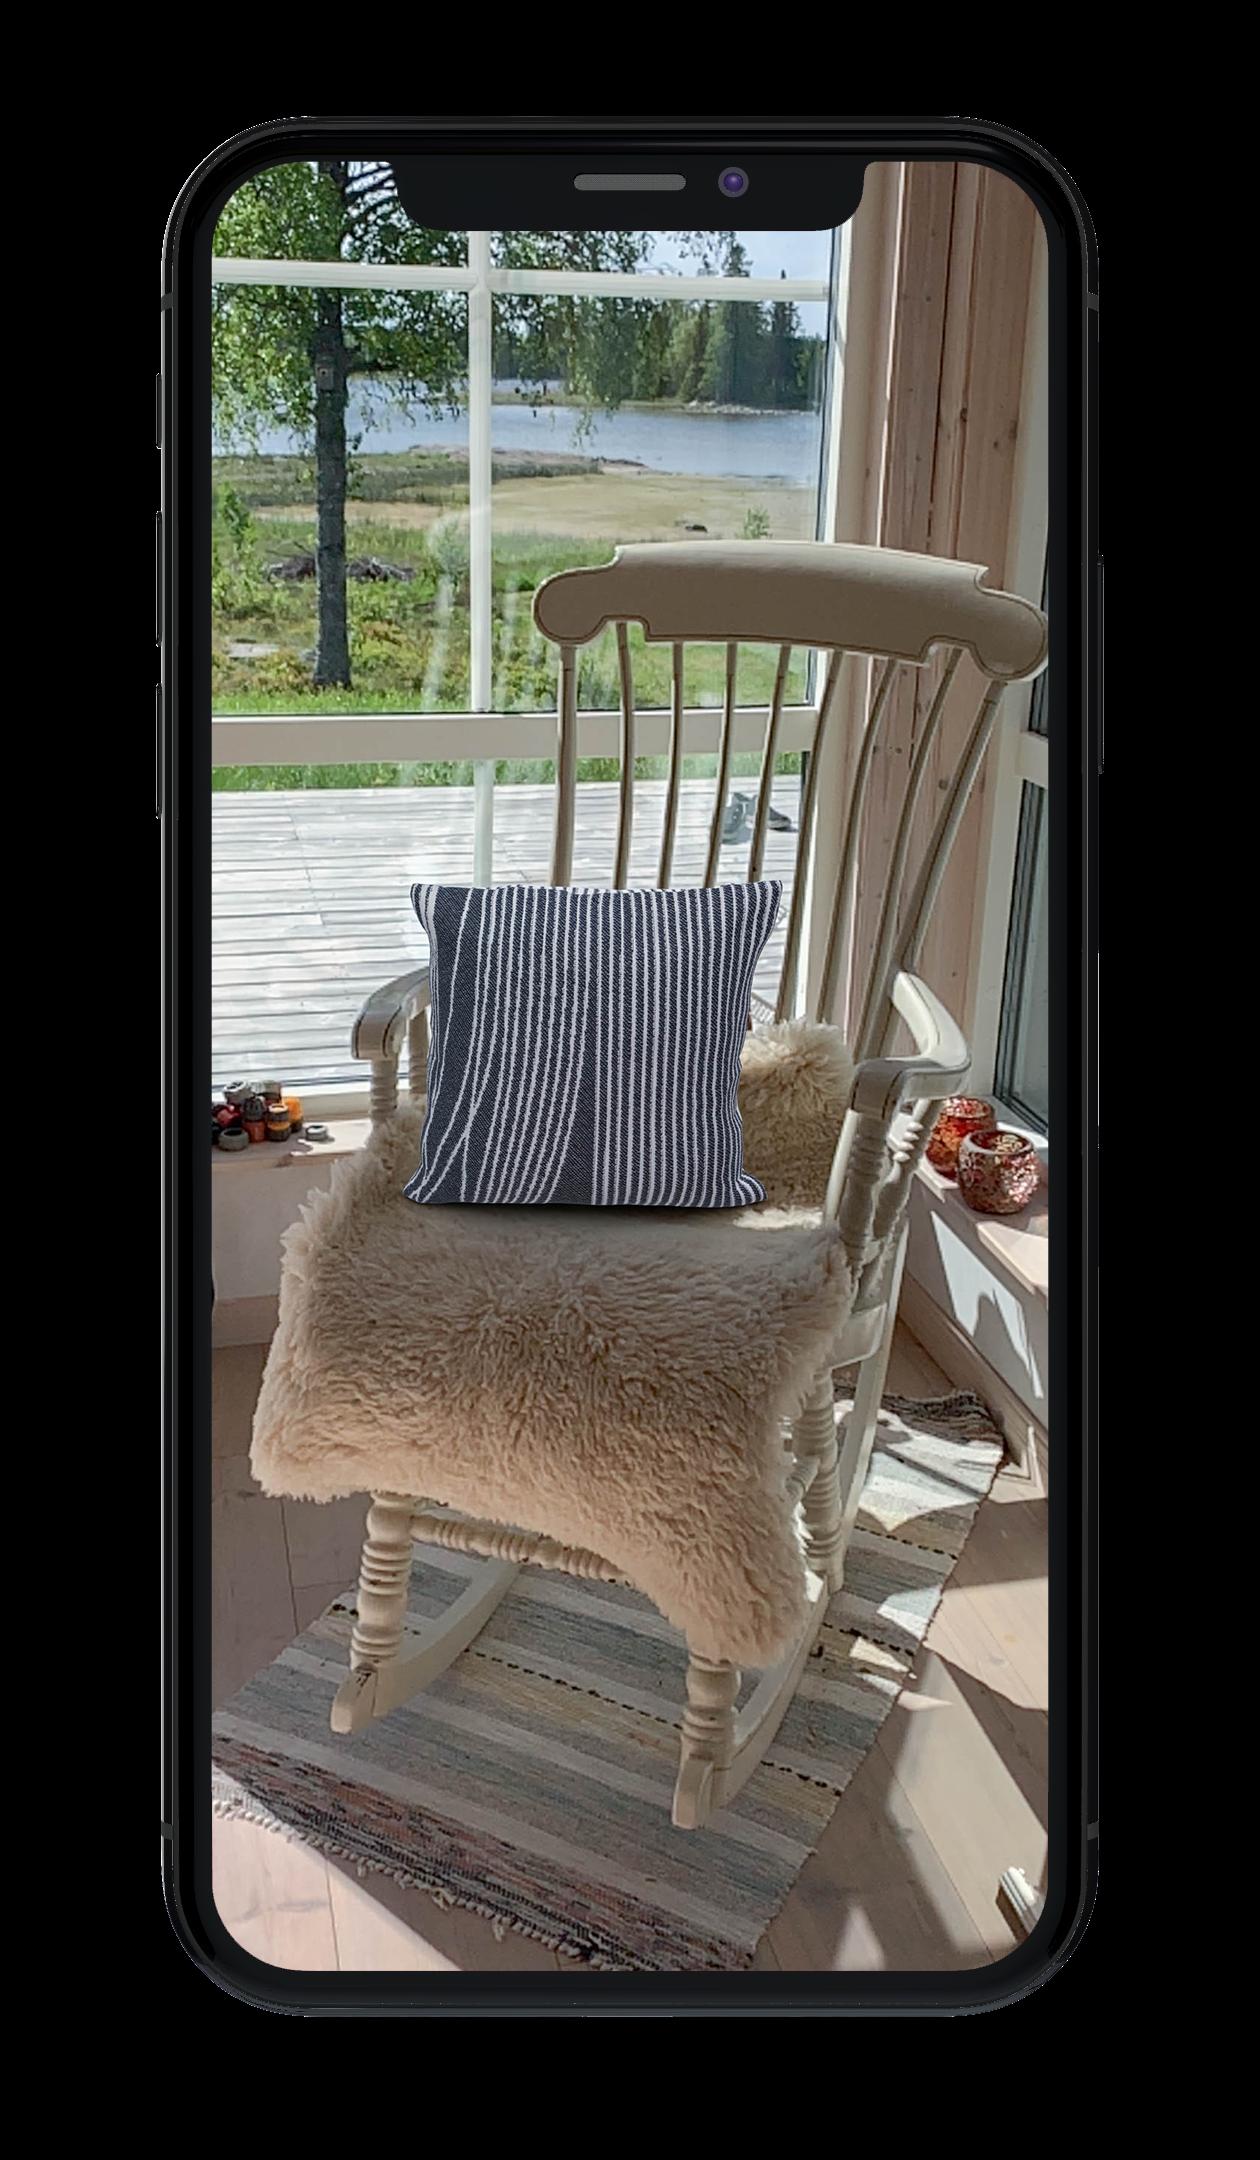 Ornament - Visa dina produkter i augmented reality för ge dina kunder bättre beslutsunderlag och öka din konvertering.